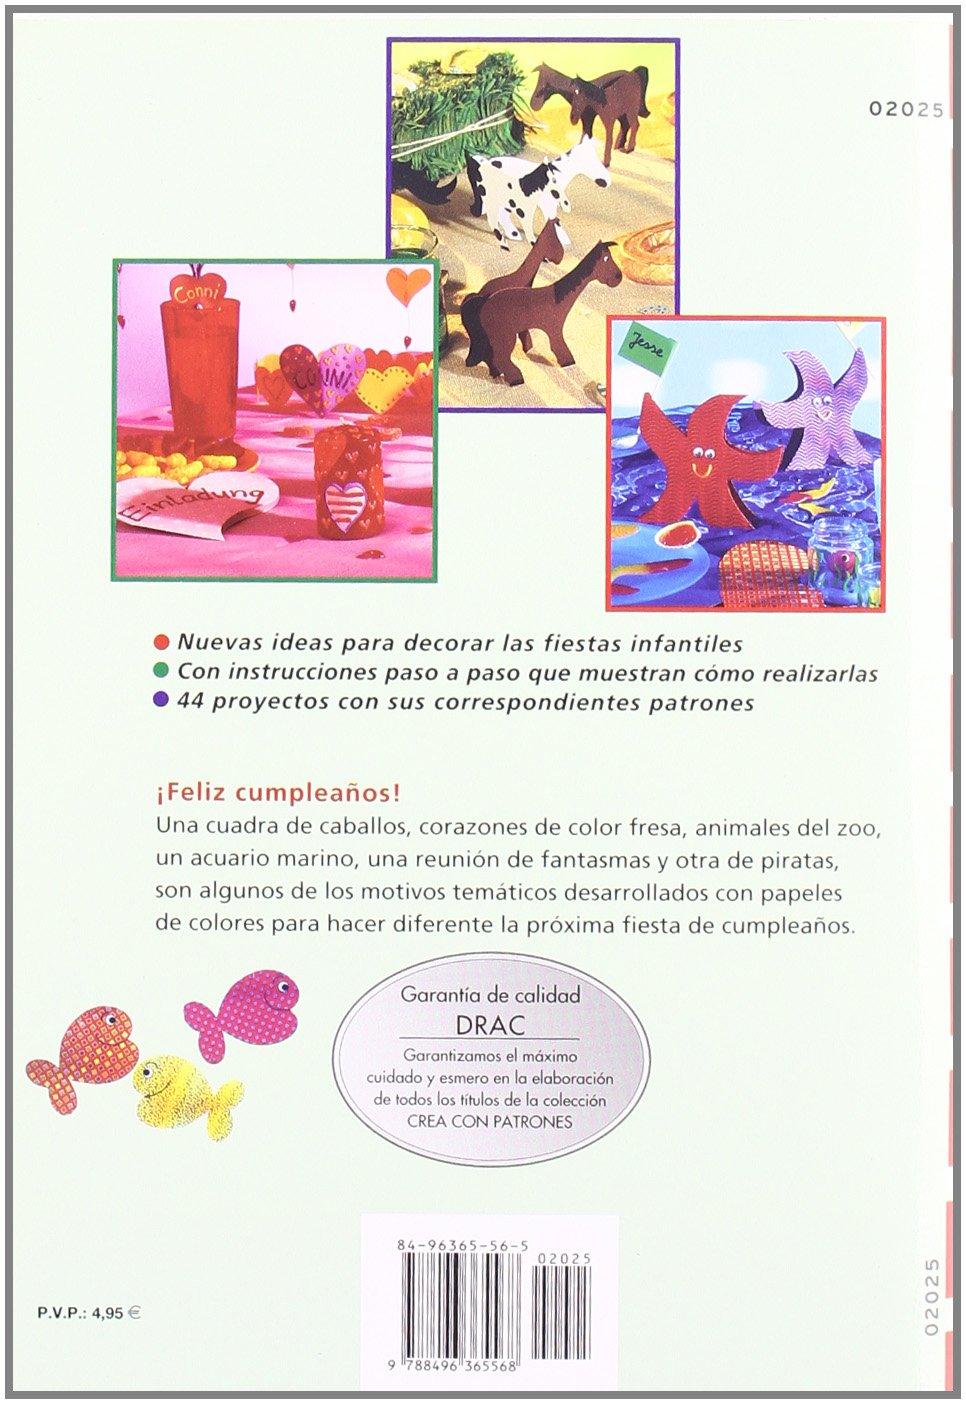 Adornar con Papel Fiestas de Cumplea?os: SYBILLE ROGACZEWSKI-NOGAI: 9788496365568: Amazon.com: Books